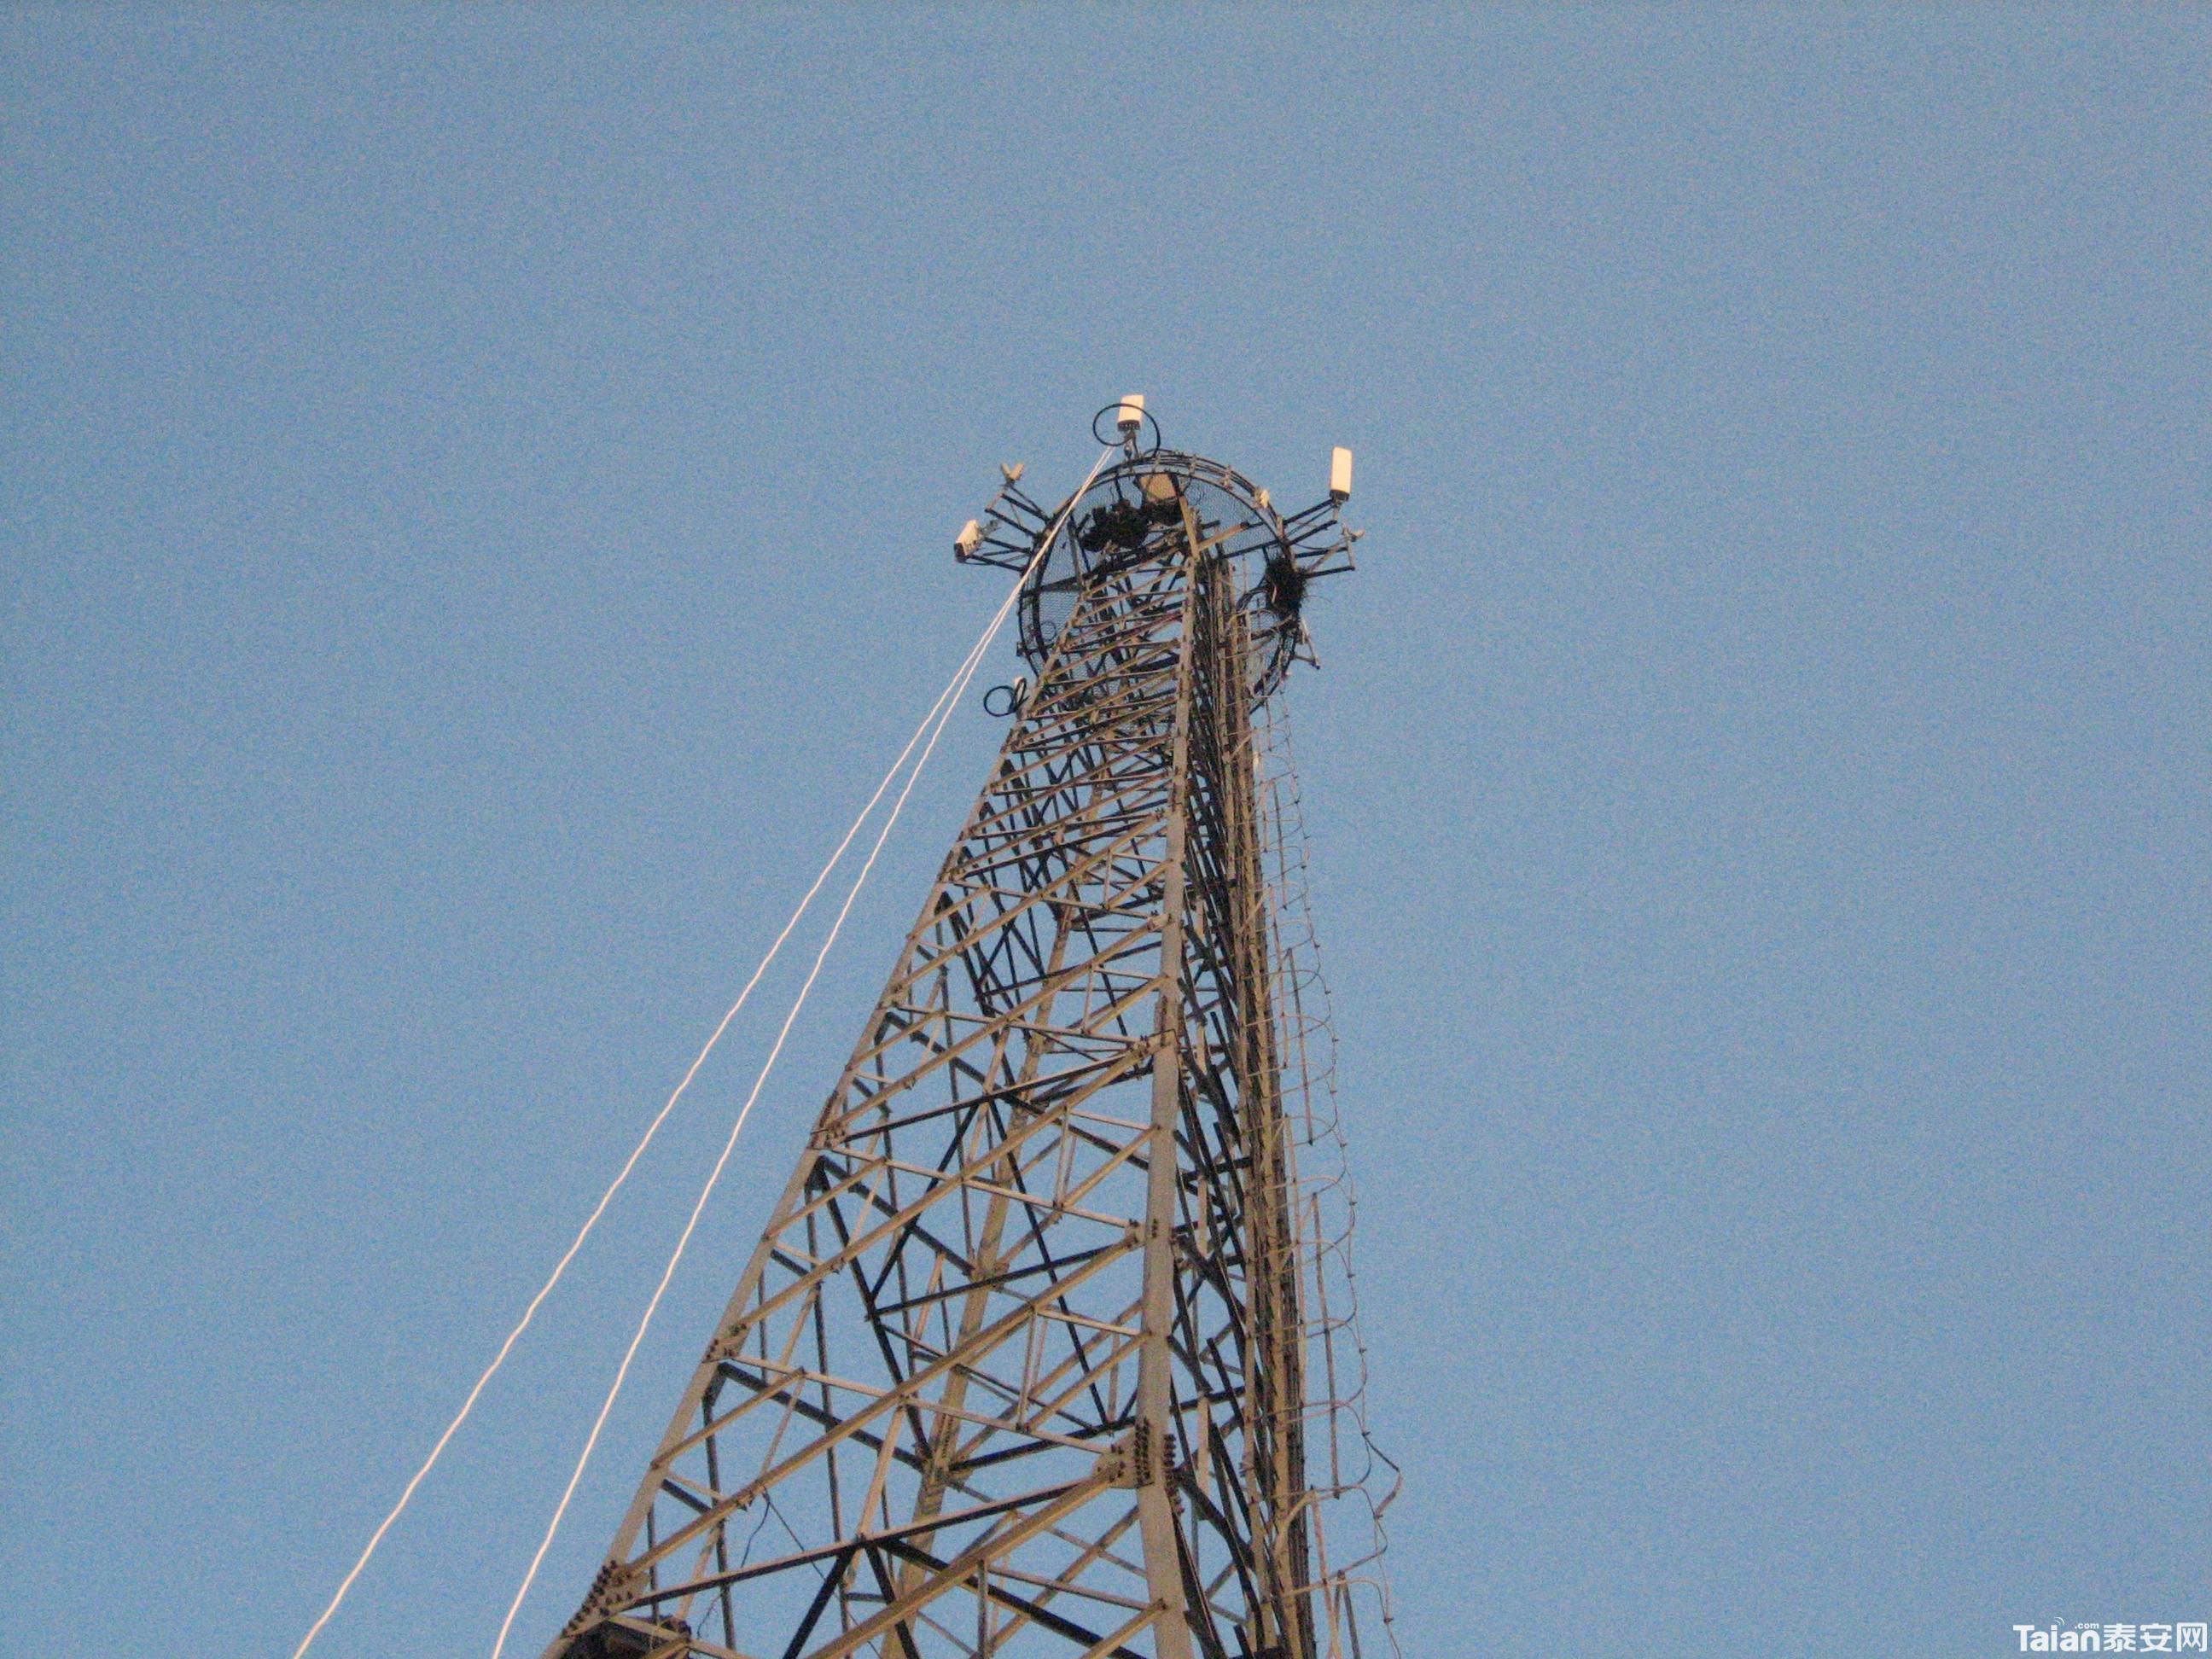 招聘能在移动信号塔安装工